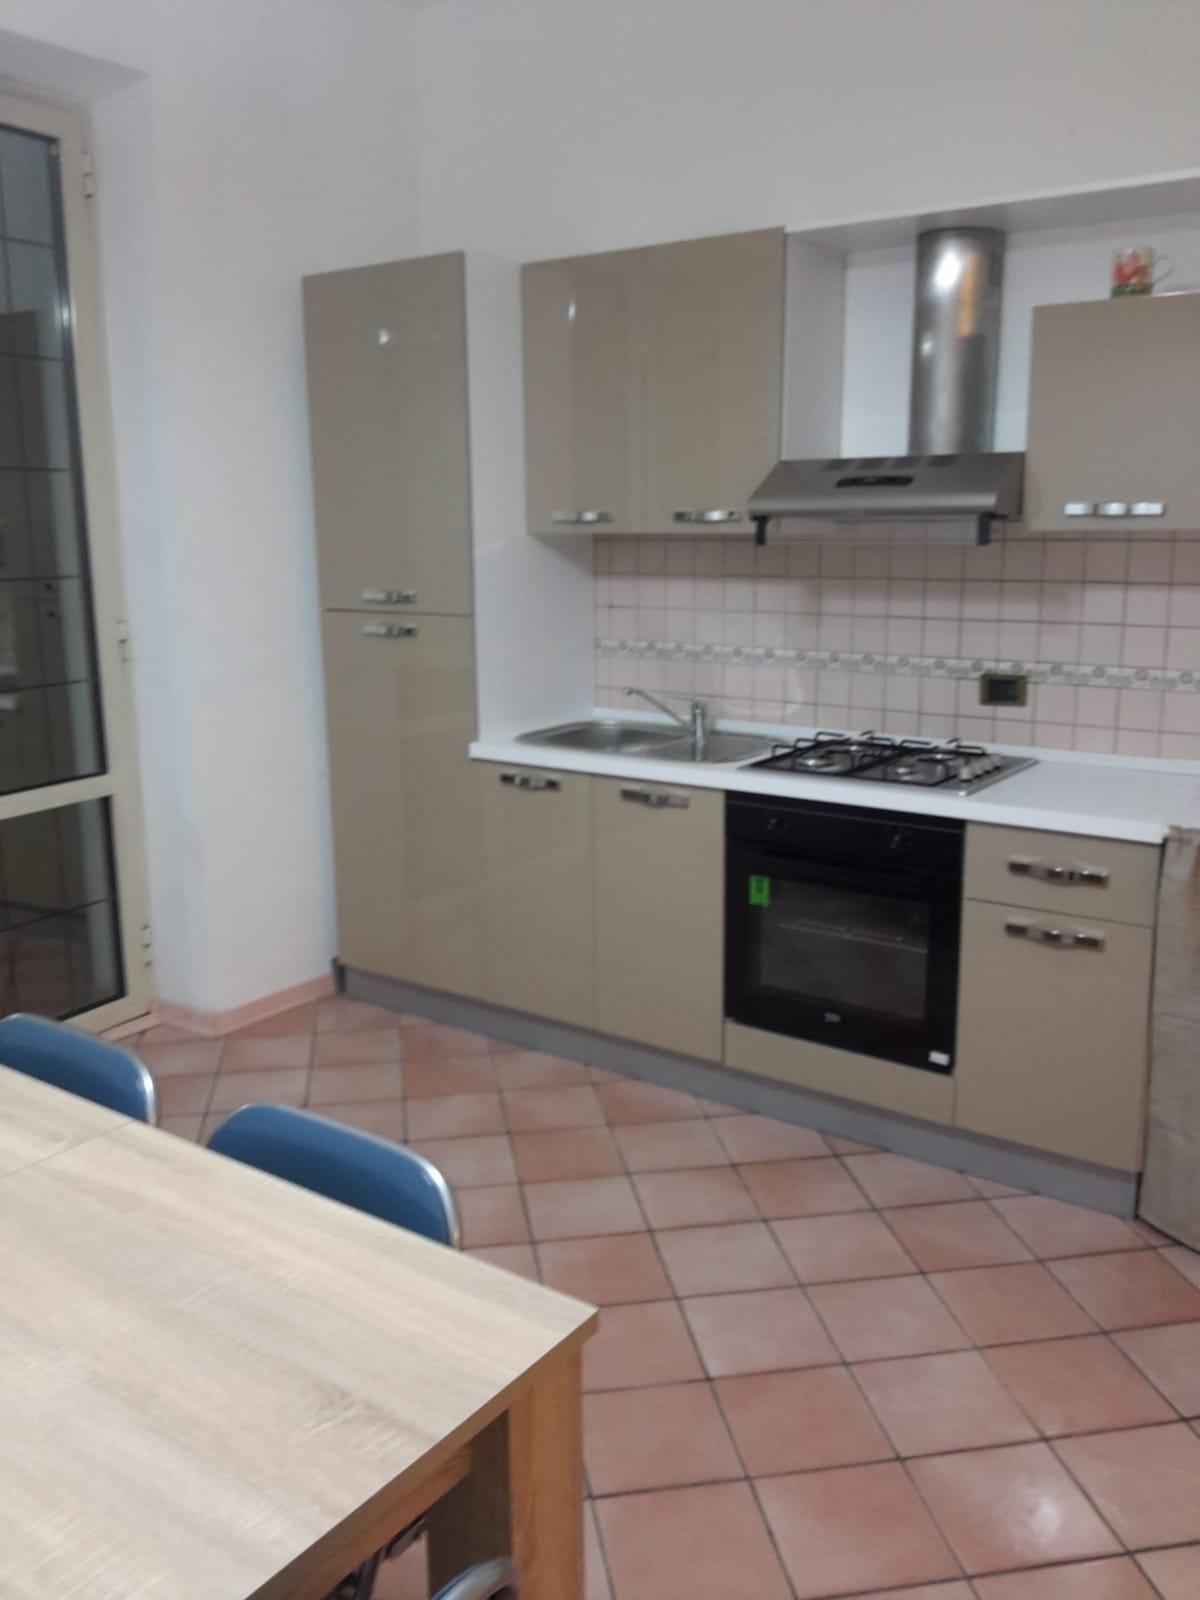 Appartamento in vendita a Morrovalle, 3 locali, zona Zona: Trodica, prezzo € 85.000 | CambioCasa.it